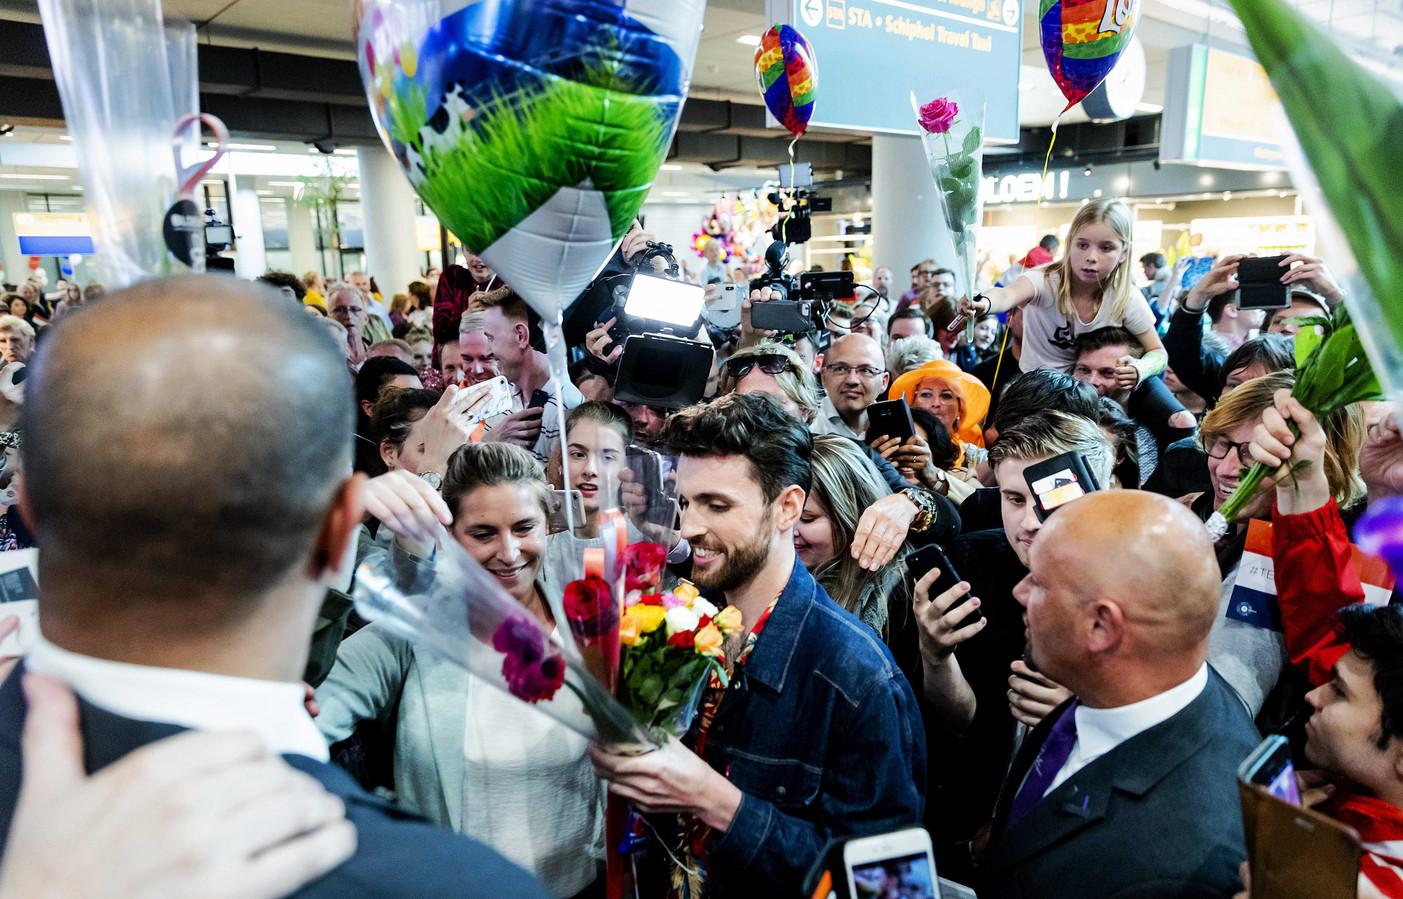 Duncan na het winnen van het Songfestival 2019 op Schiphol.